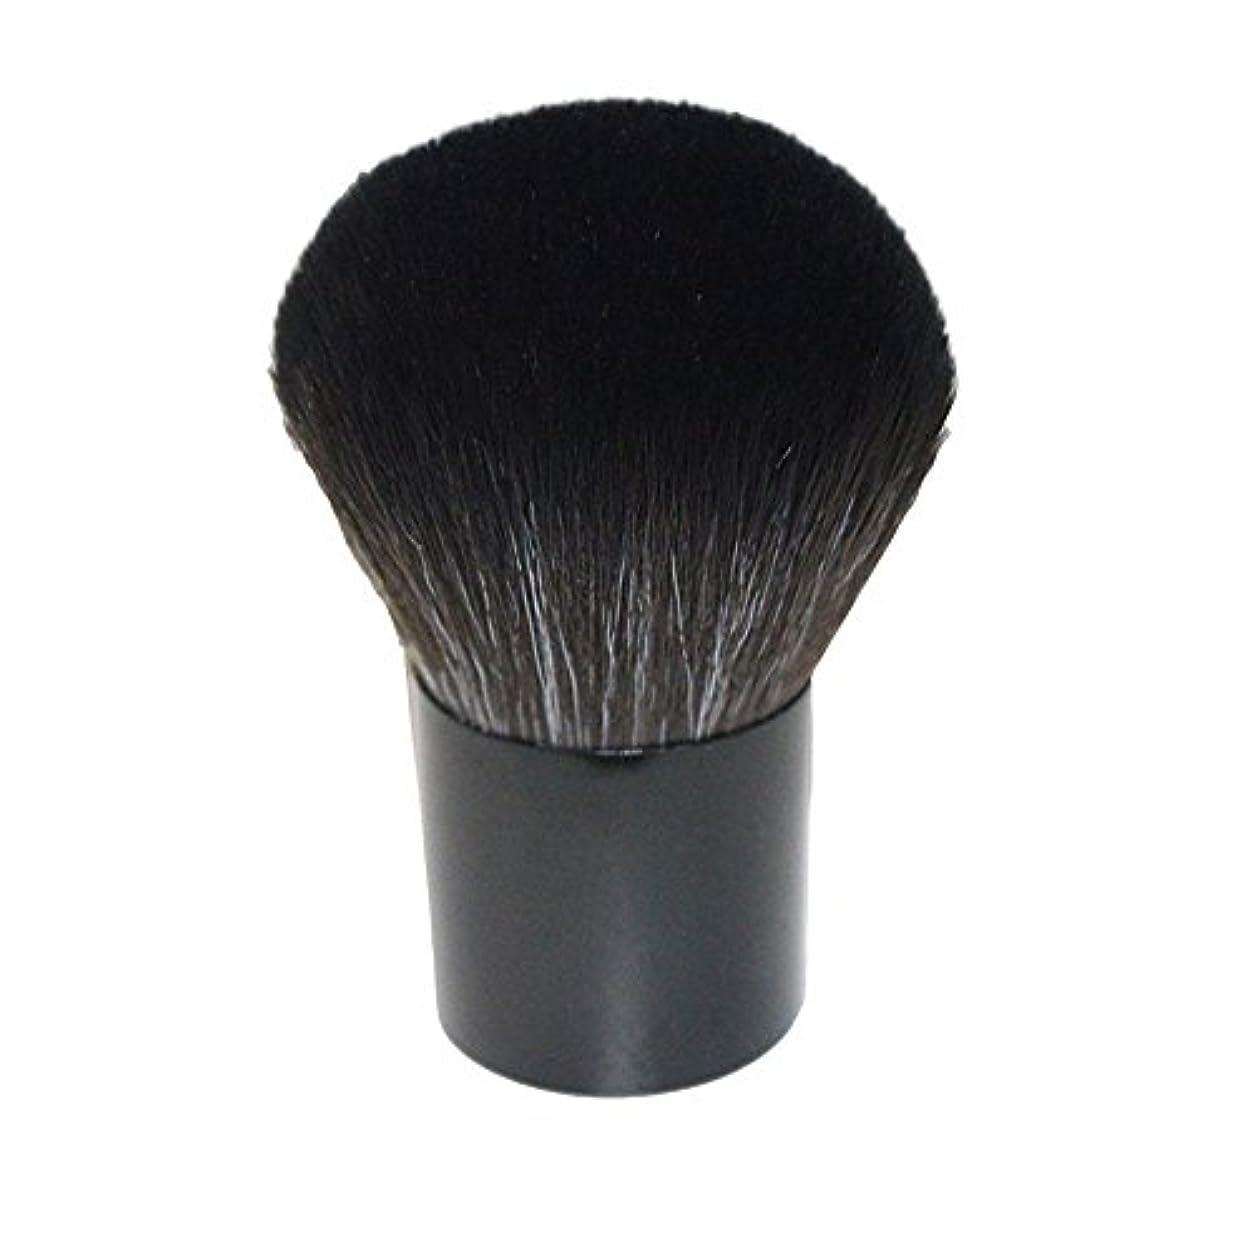 短くするコジオスコ性別笑え熊 化粧筆 コスメブラシ 化粧ブラシ 多機能メイクブラシケース 扇形 ハイライト 毛質ふわふわ 激安 オススメ (ブラック2)